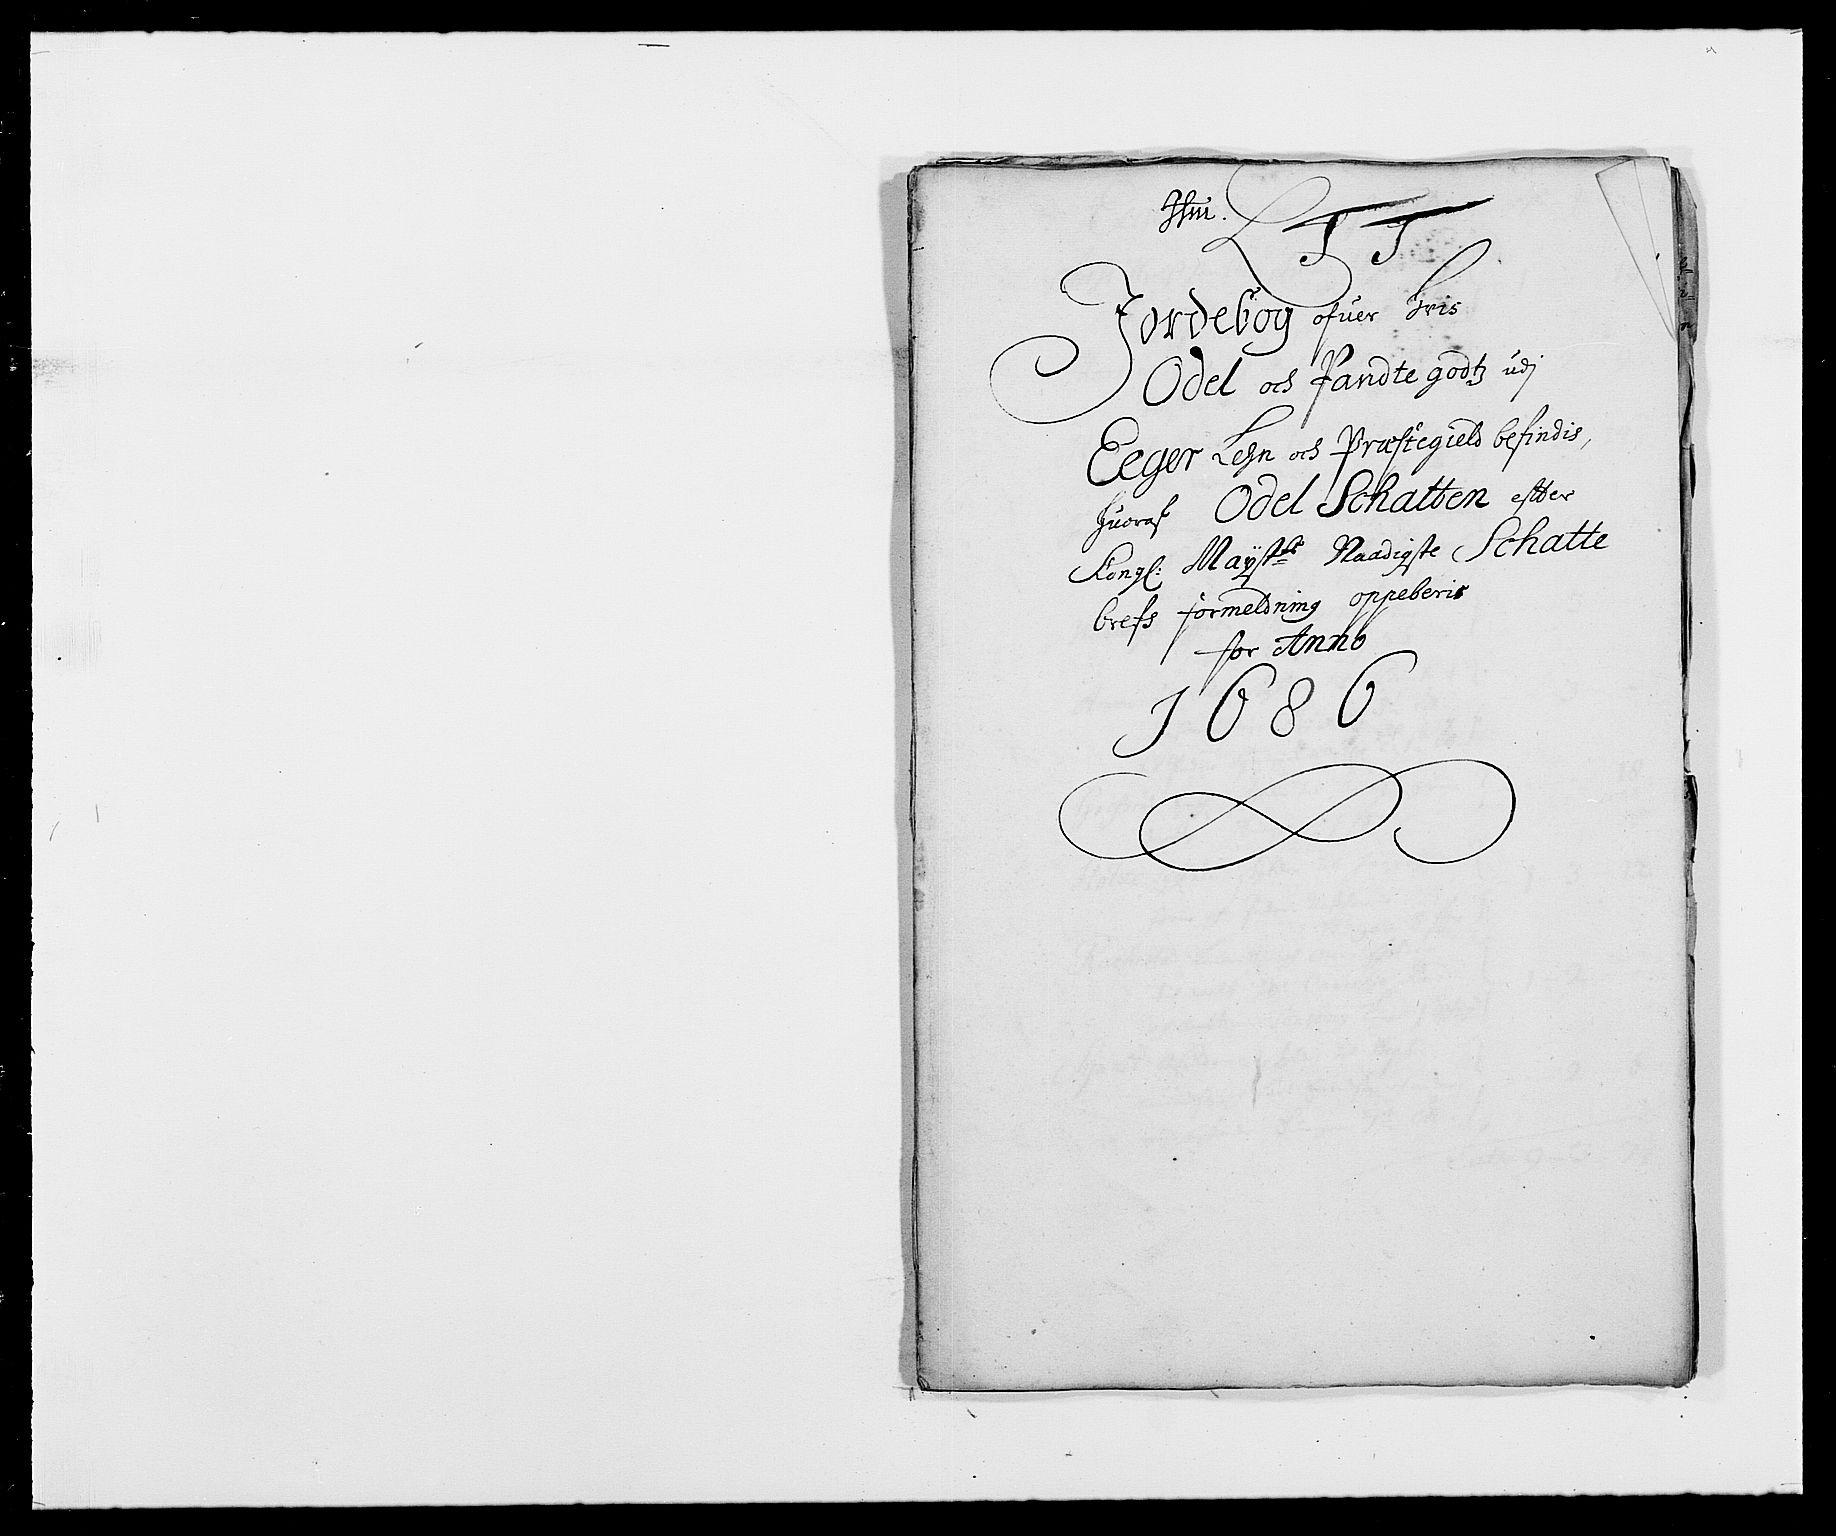 RA, Rentekammeret inntil 1814, Reviderte regnskaper, Fogderegnskap, R26/L1685: Fogderegnskap Eiker, 1679-1686, s. 186